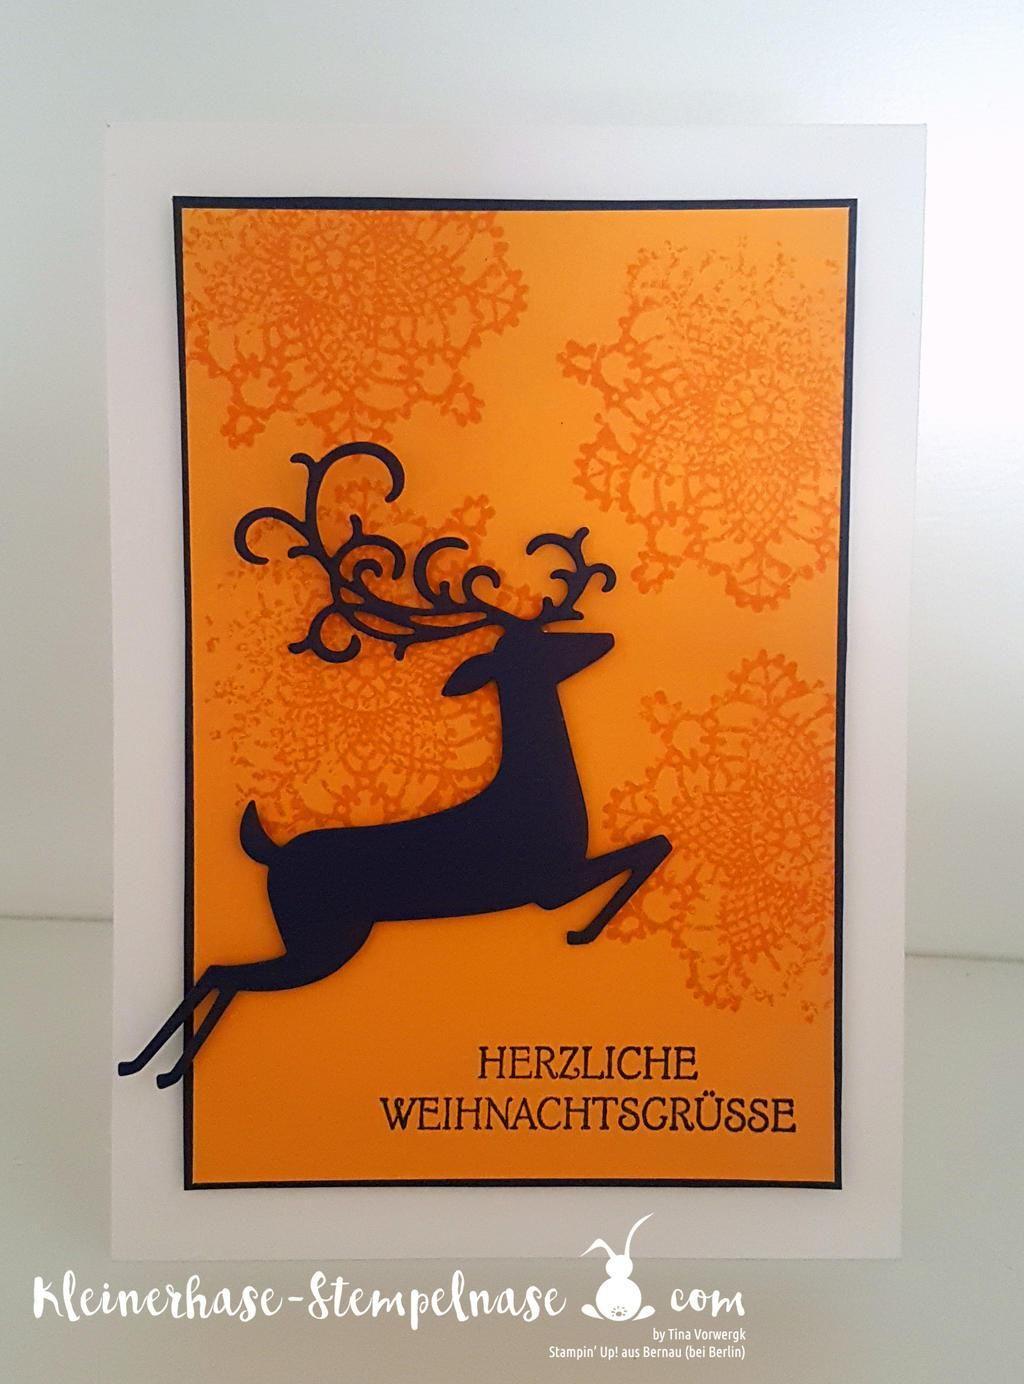 Weihnachtskarten Katalog.Kleinerhase Stempelnase Stampin Up Demonstratorin In Thüringen